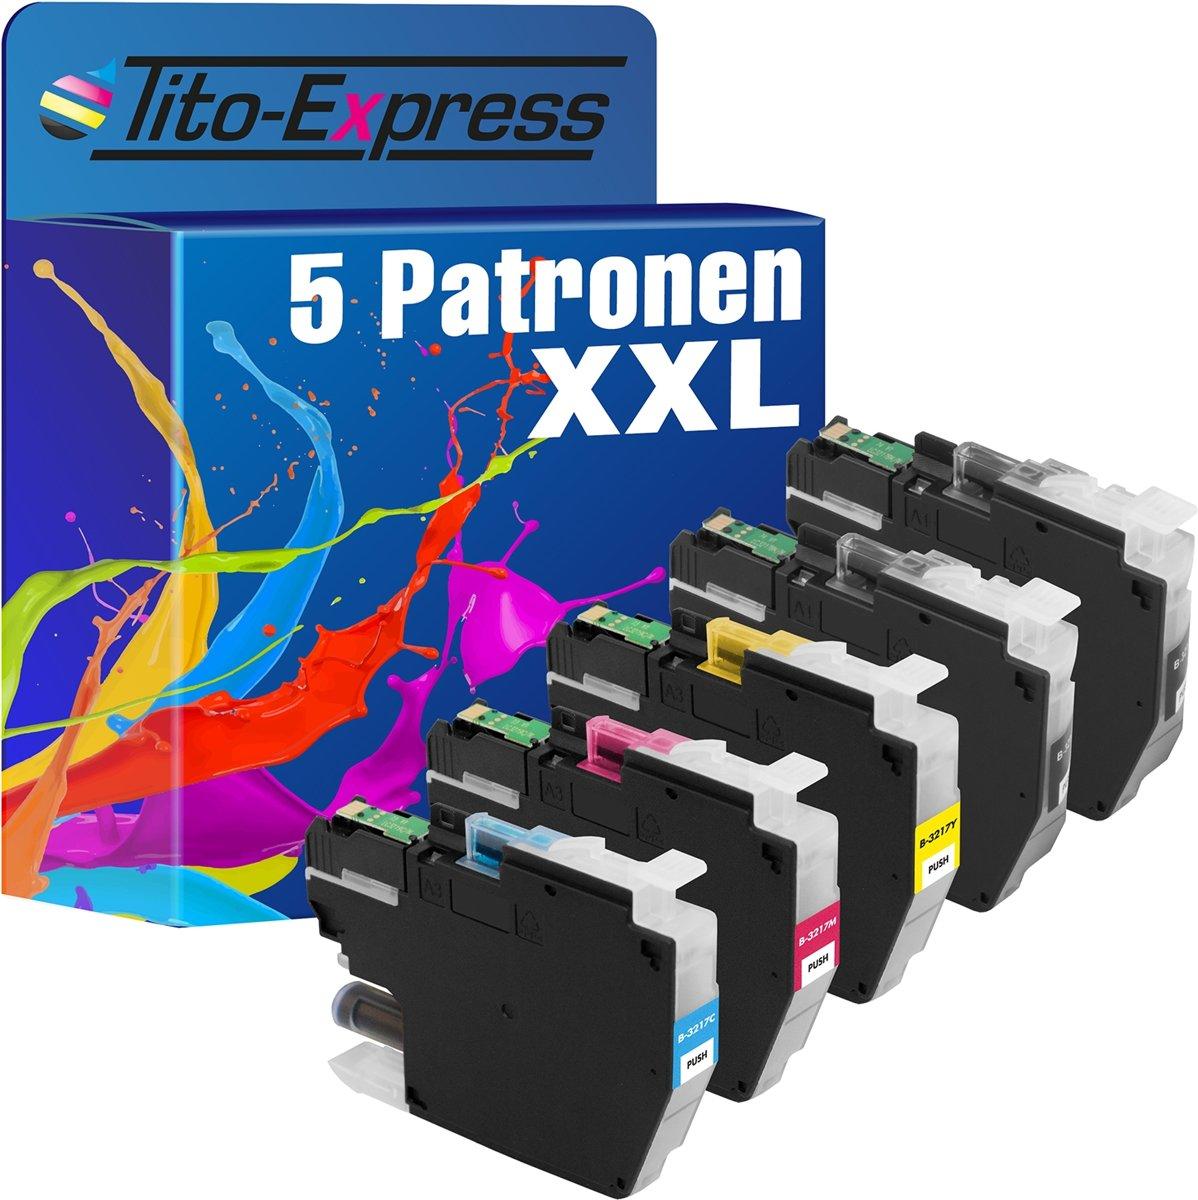 Tito-Express PlatinumSerie 5 x Cartridges XXL Alternatief voor de Brother LC-3217 XL kopen